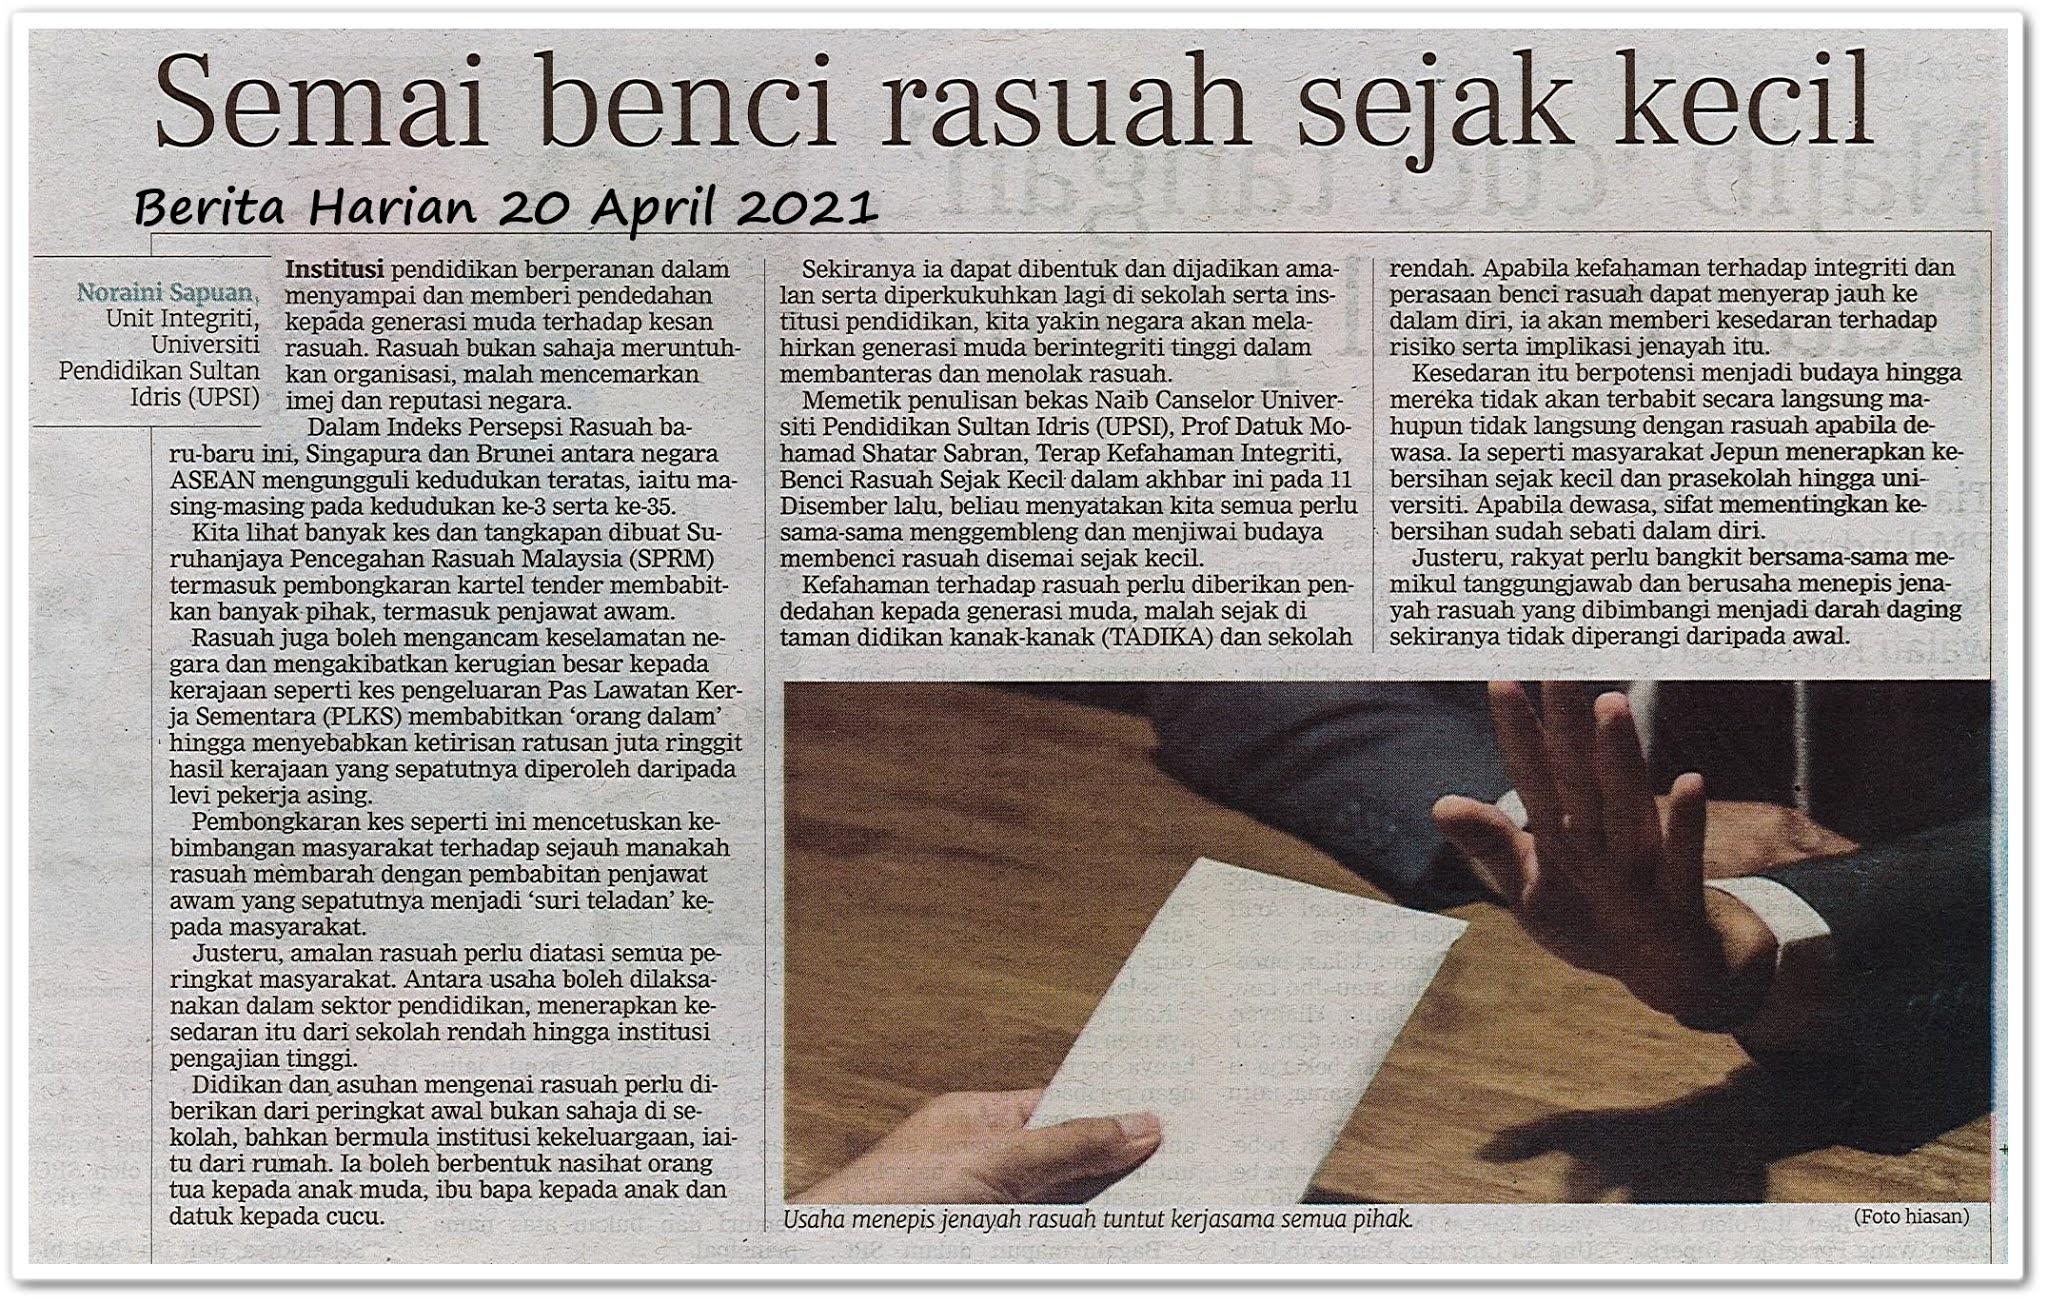 Semai benci rasuah sejak kecil - Keratan akhbar Berita Harian 20 April 2021